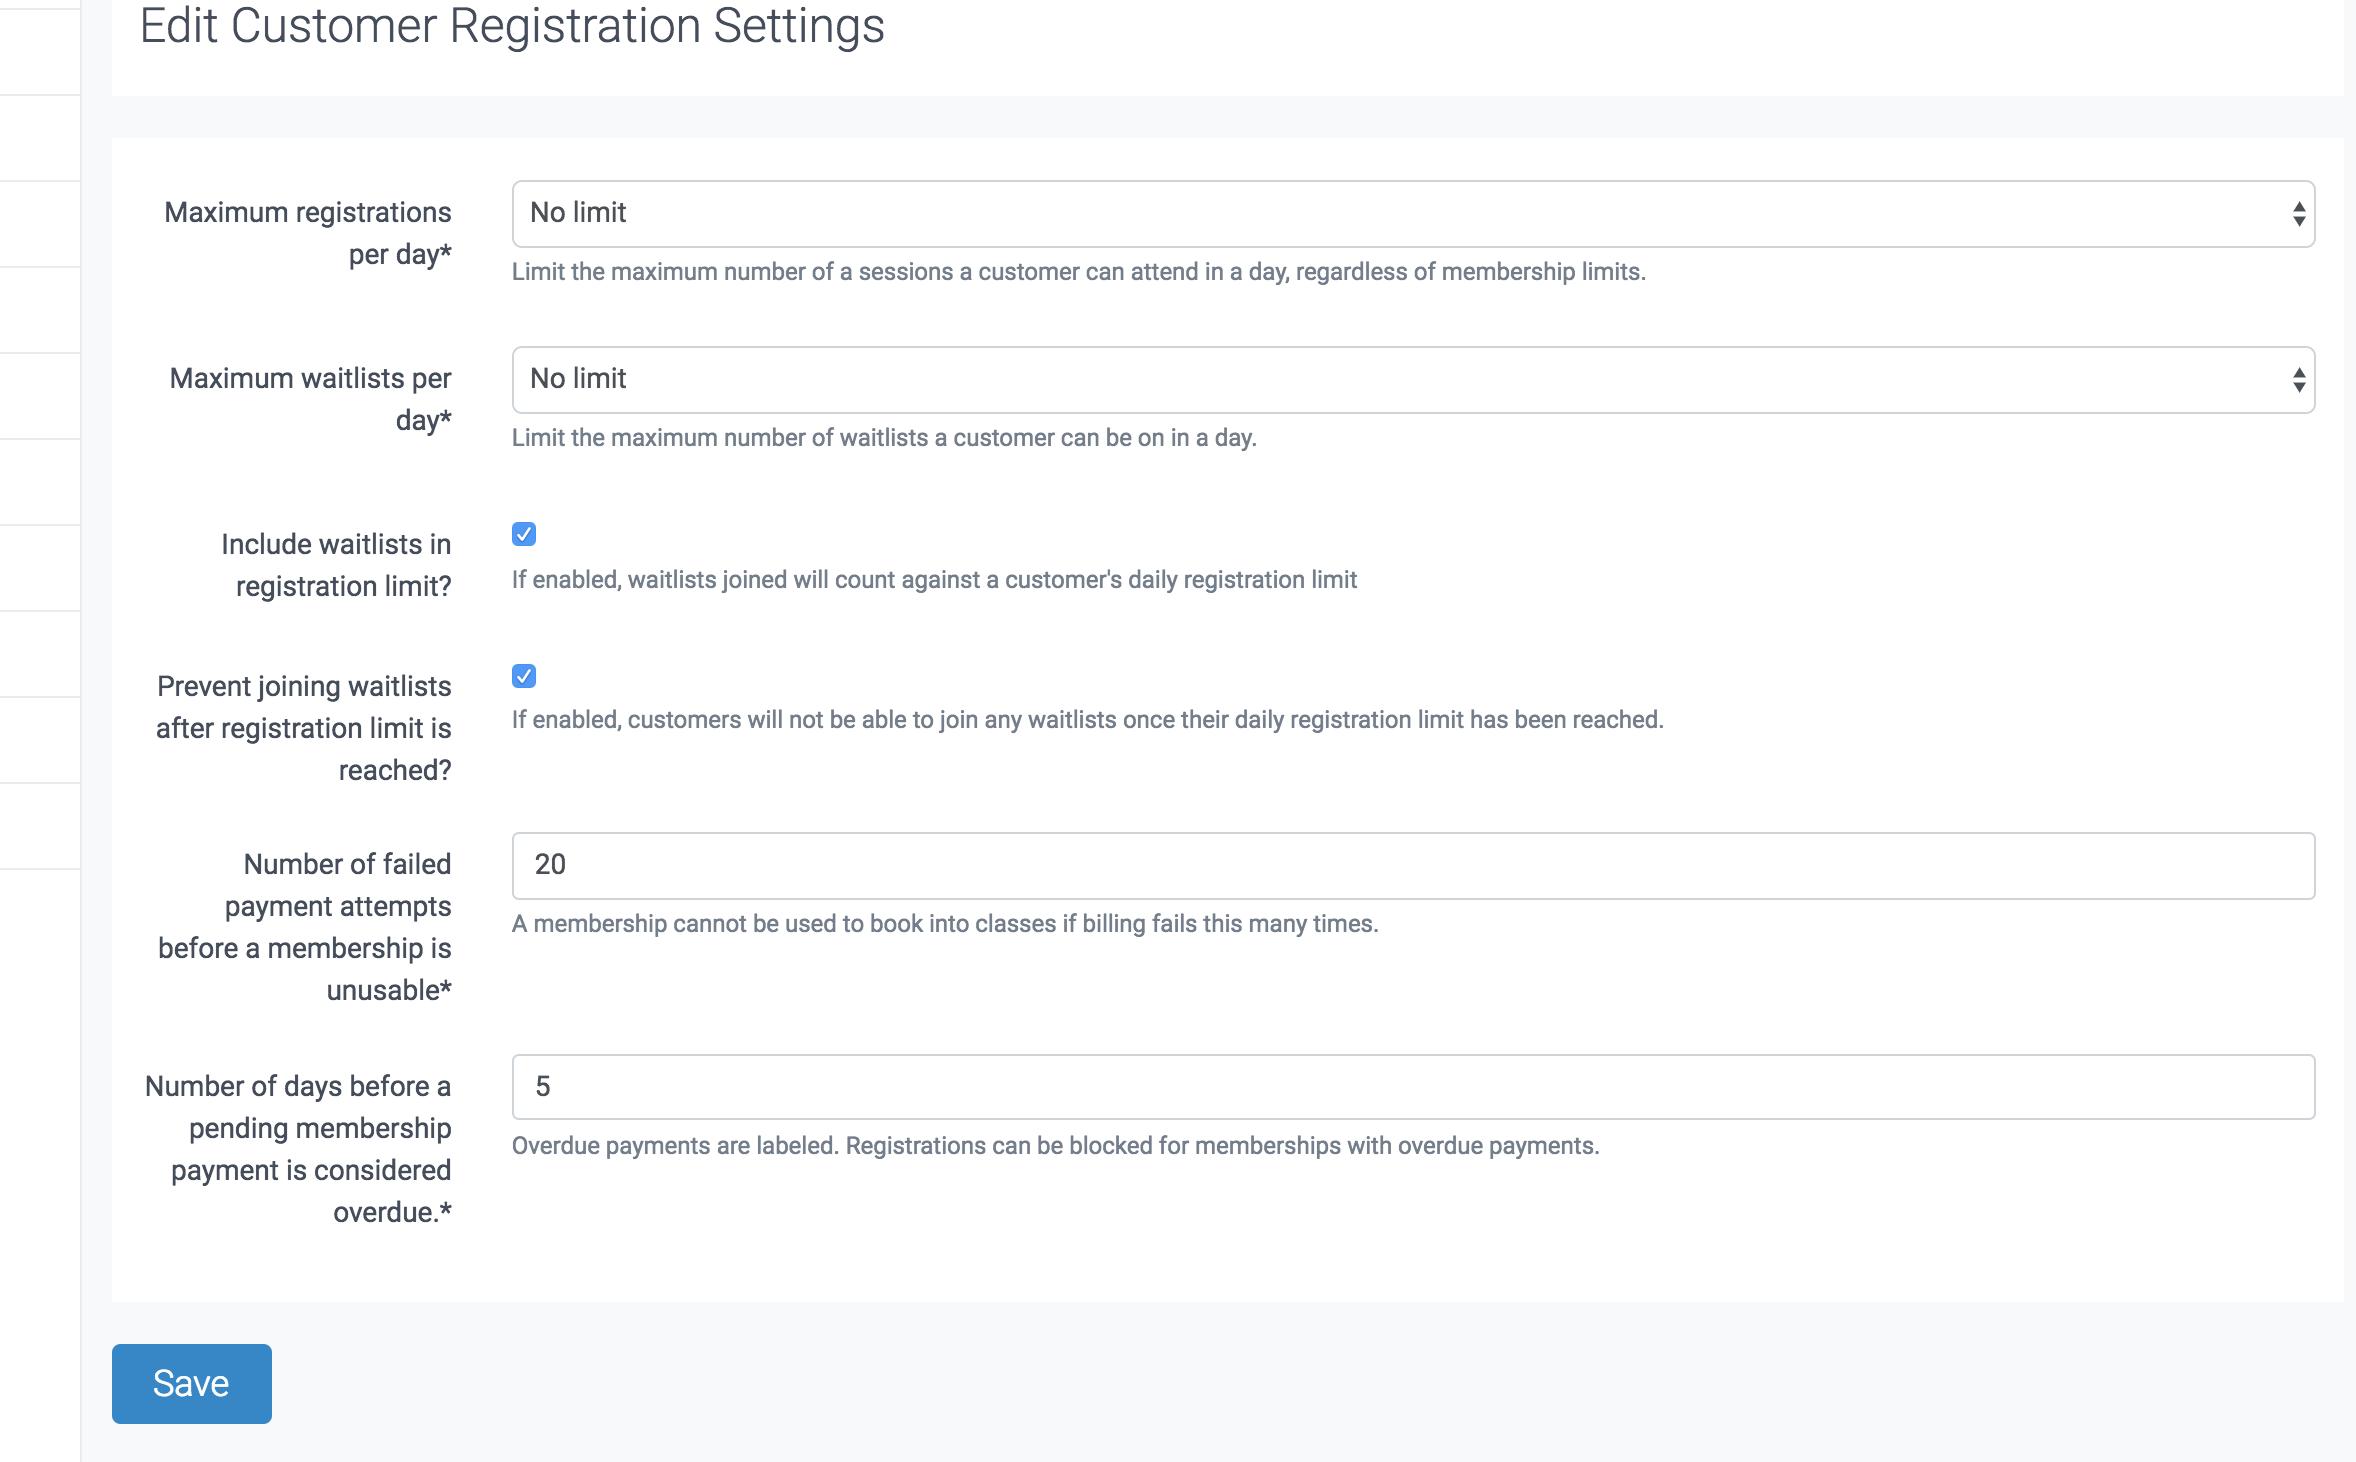 rs-customer_settings_edit.png